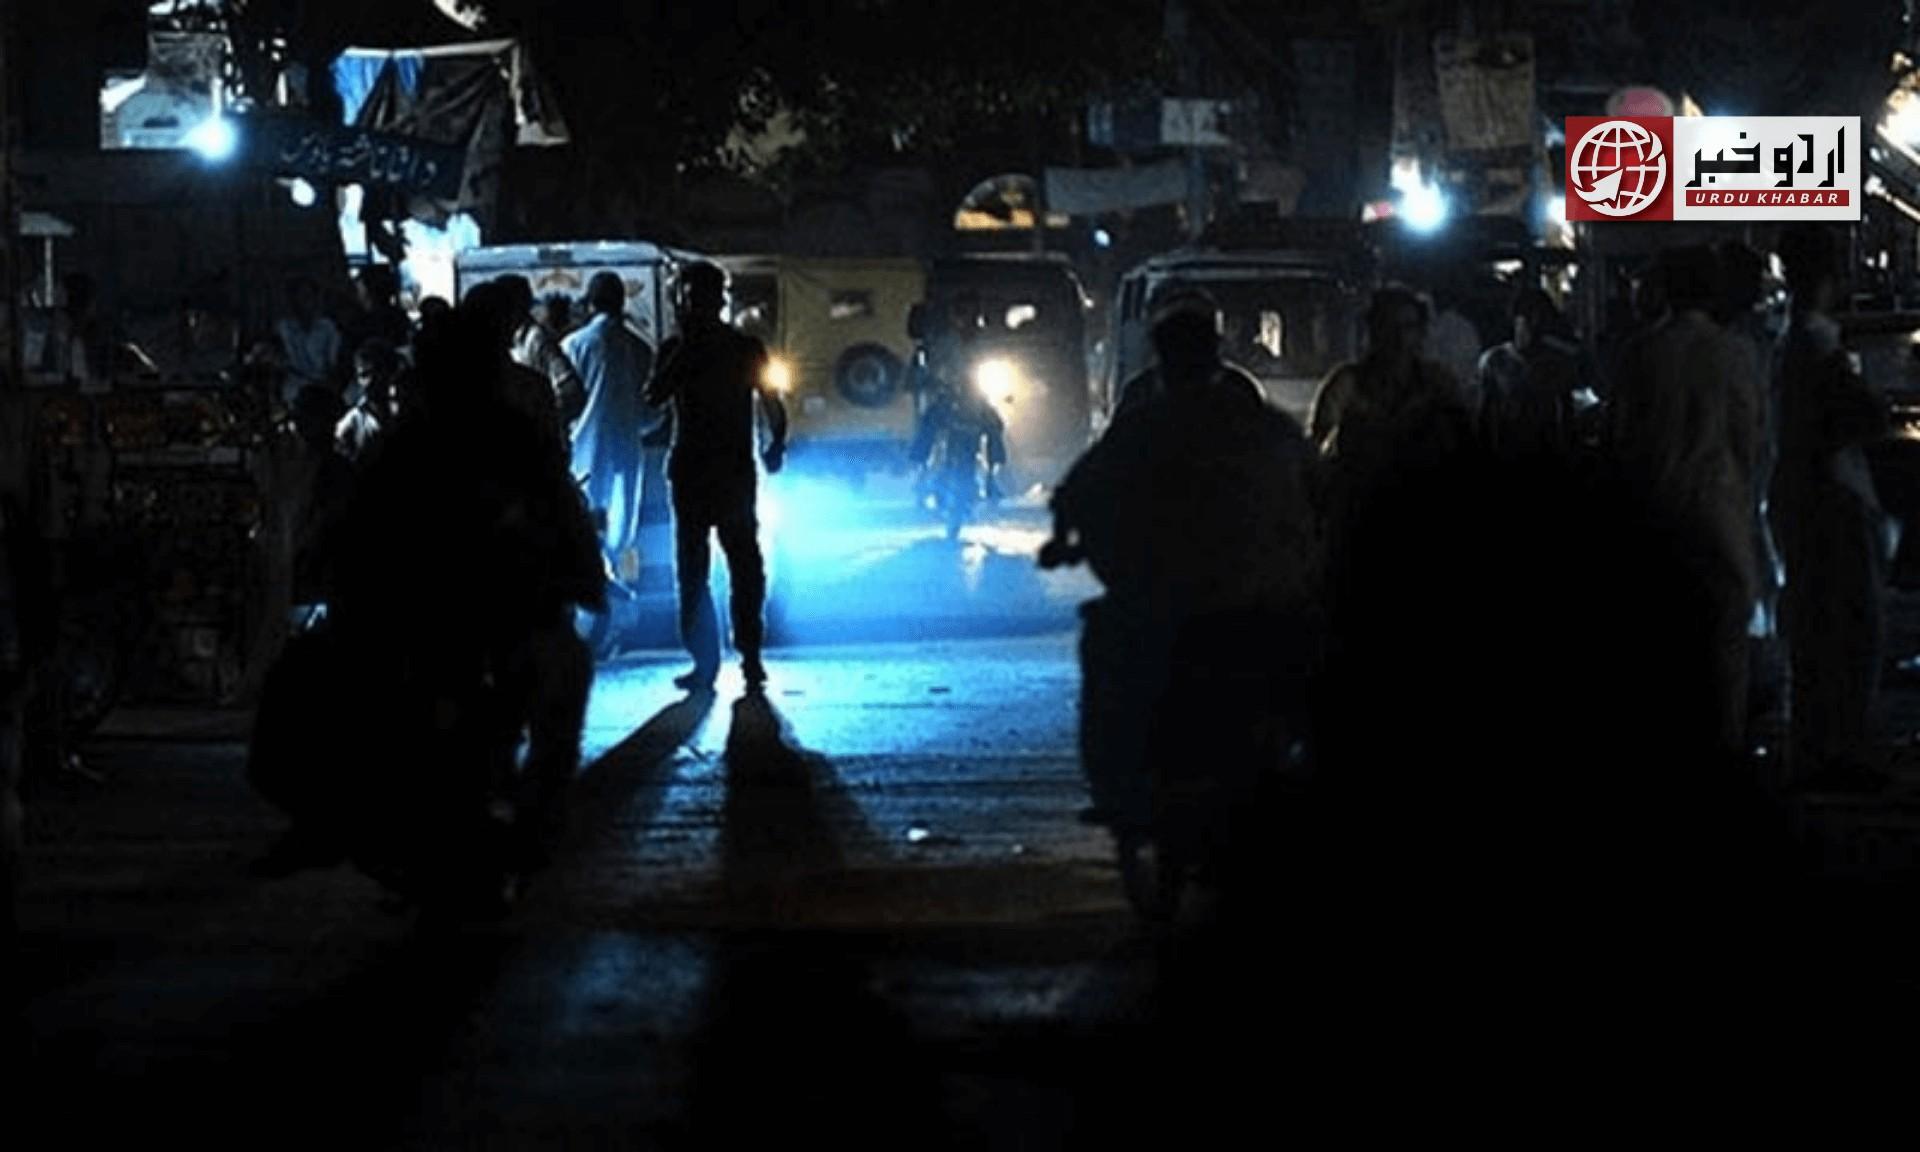 کراچی میں لمبی لوڈشیڈنگ، سڑکوں پر تین تین فٹ گڑھے پڑ گئے، انتظامیہ غائب، شہریوں کا احتجاج